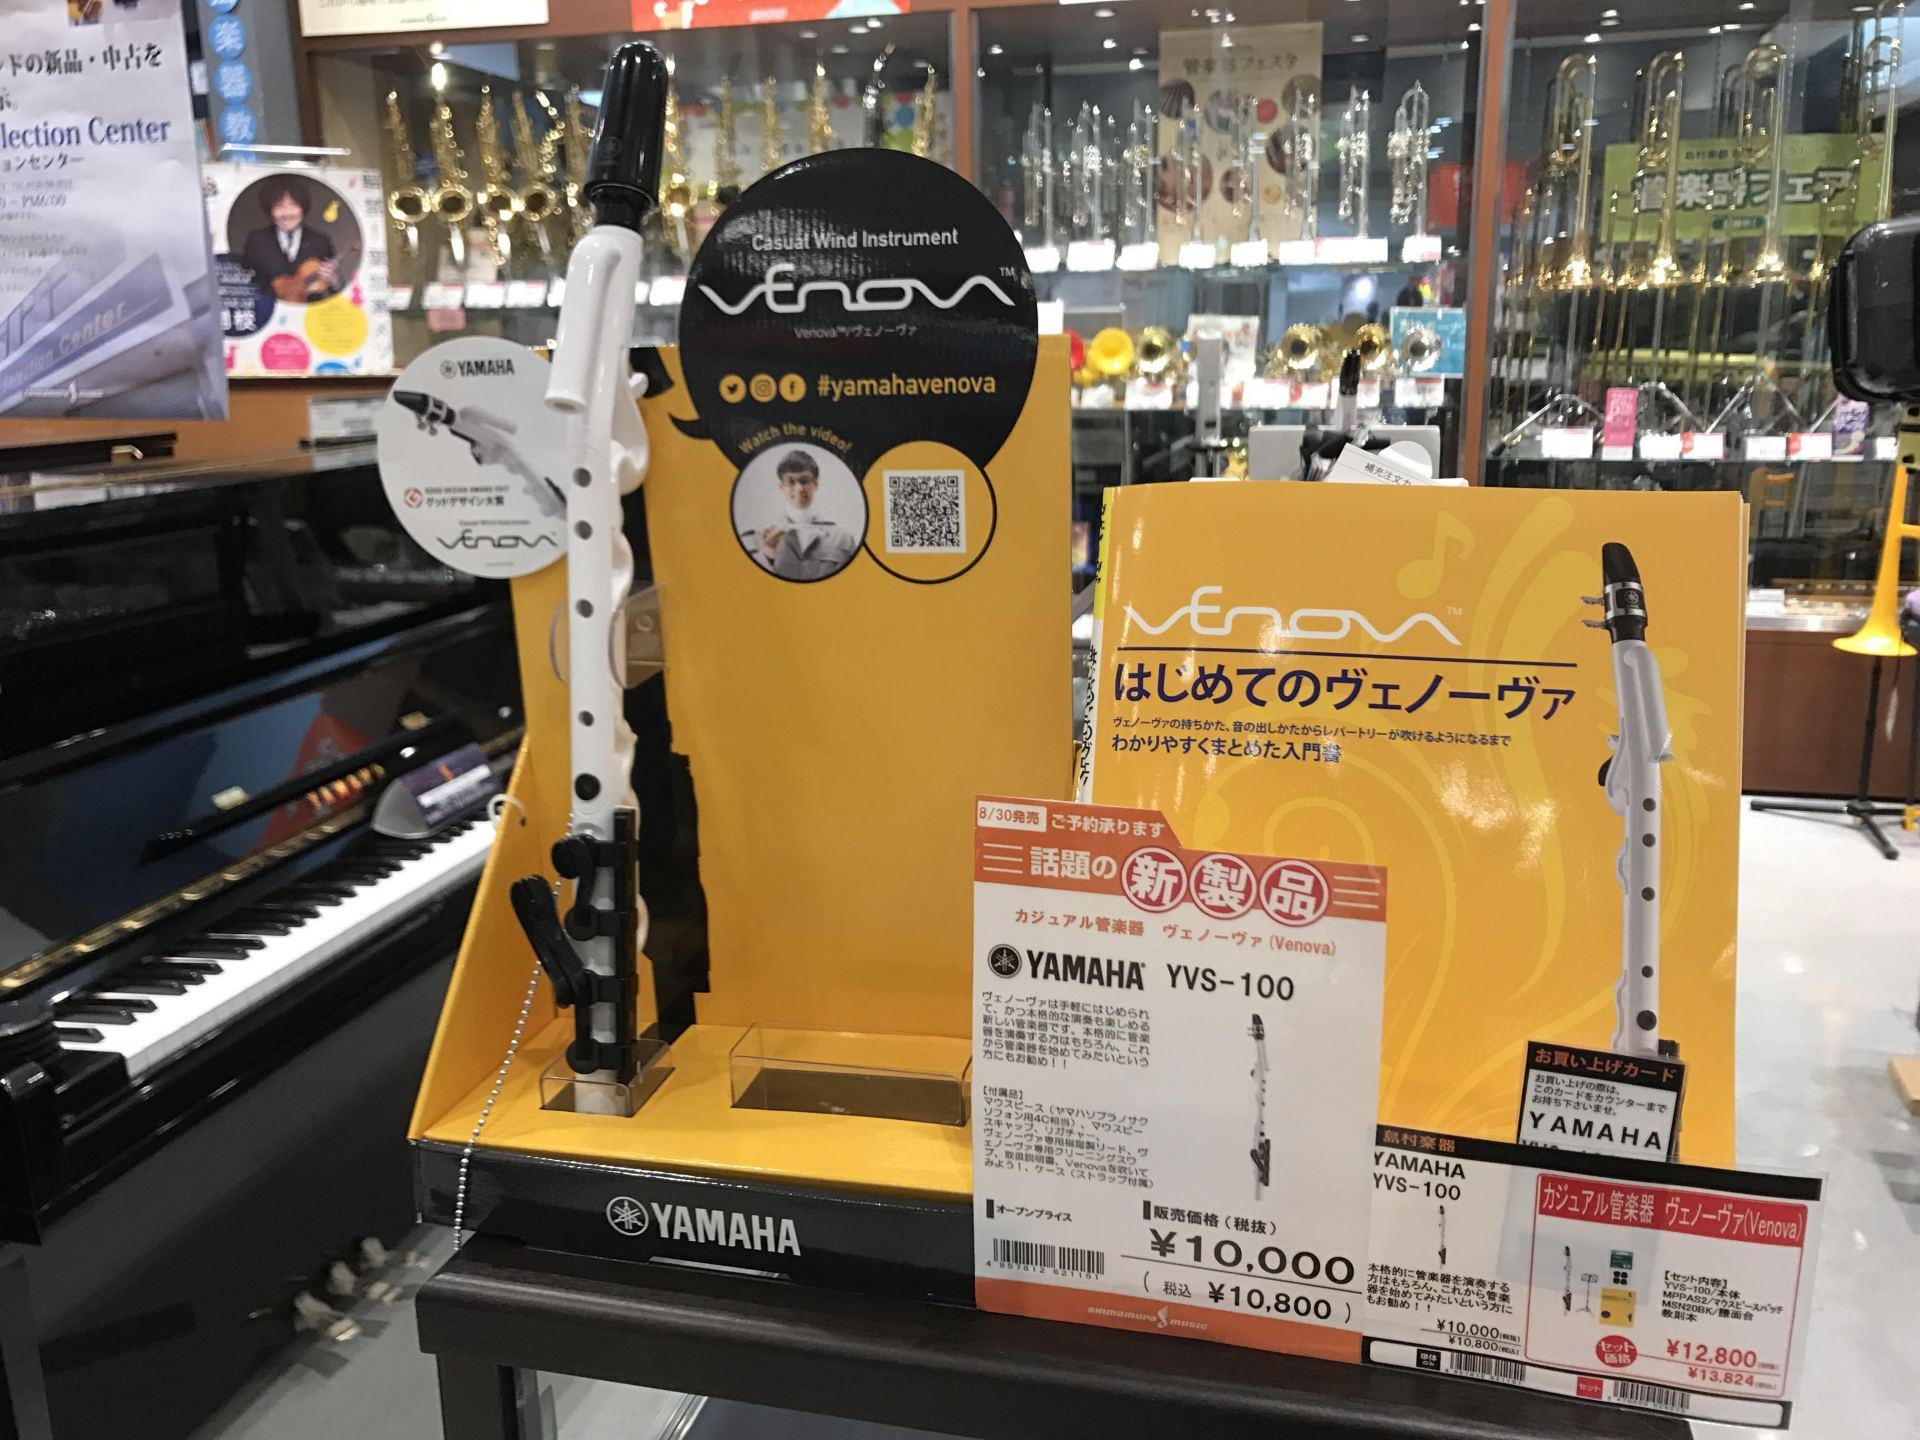 島村楽器イオンモール高崎店 ヤマハ YAMAHA ヴェノーヴァ YVS-100